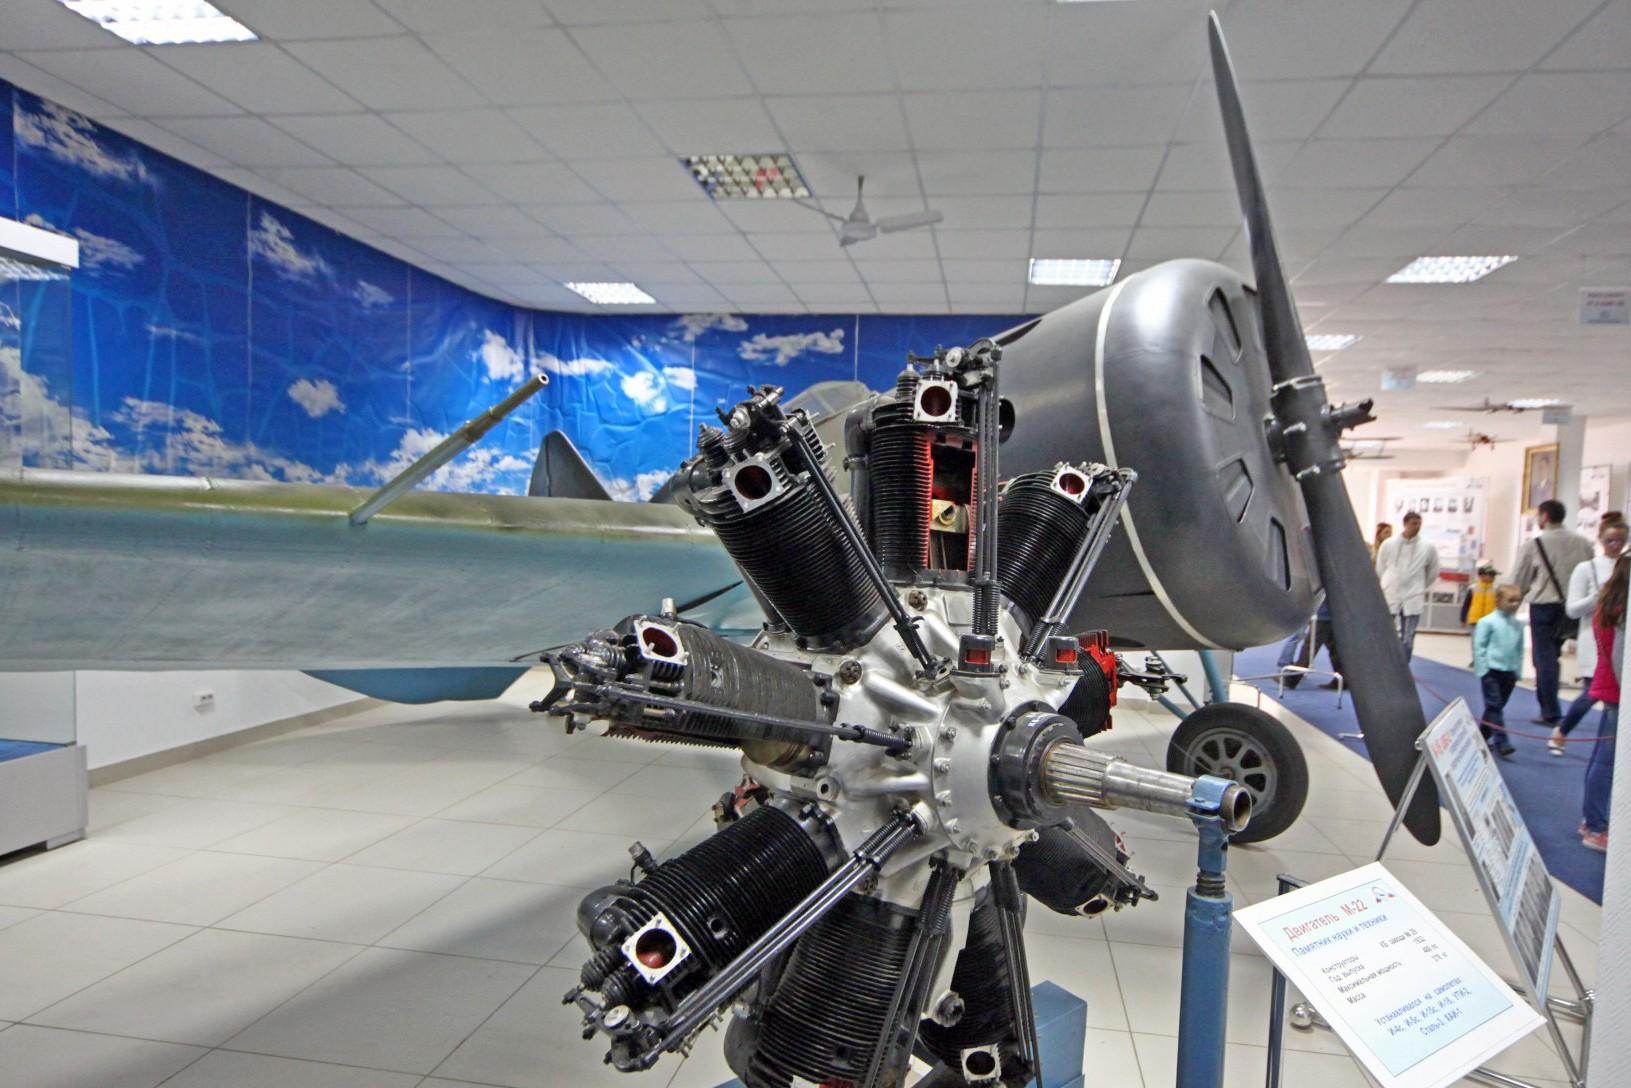 Двигатель M-22 истребителя И-16 в  музее авиации в Монино